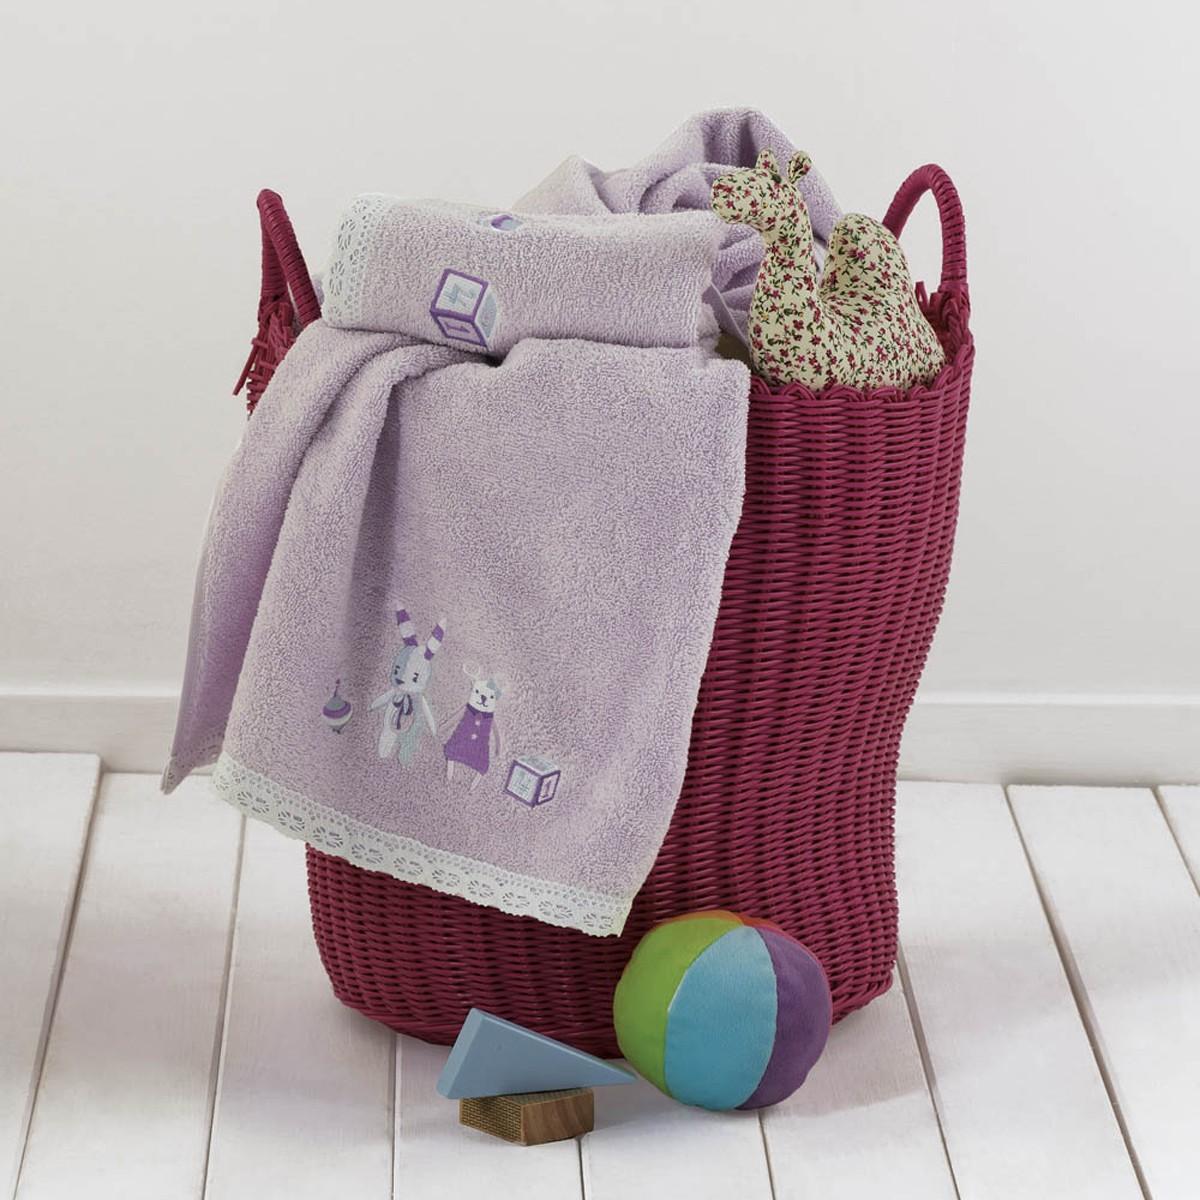 Βρεφικές Πετσέτες (Σετ 2τμχ) Kentia Baby Bambina